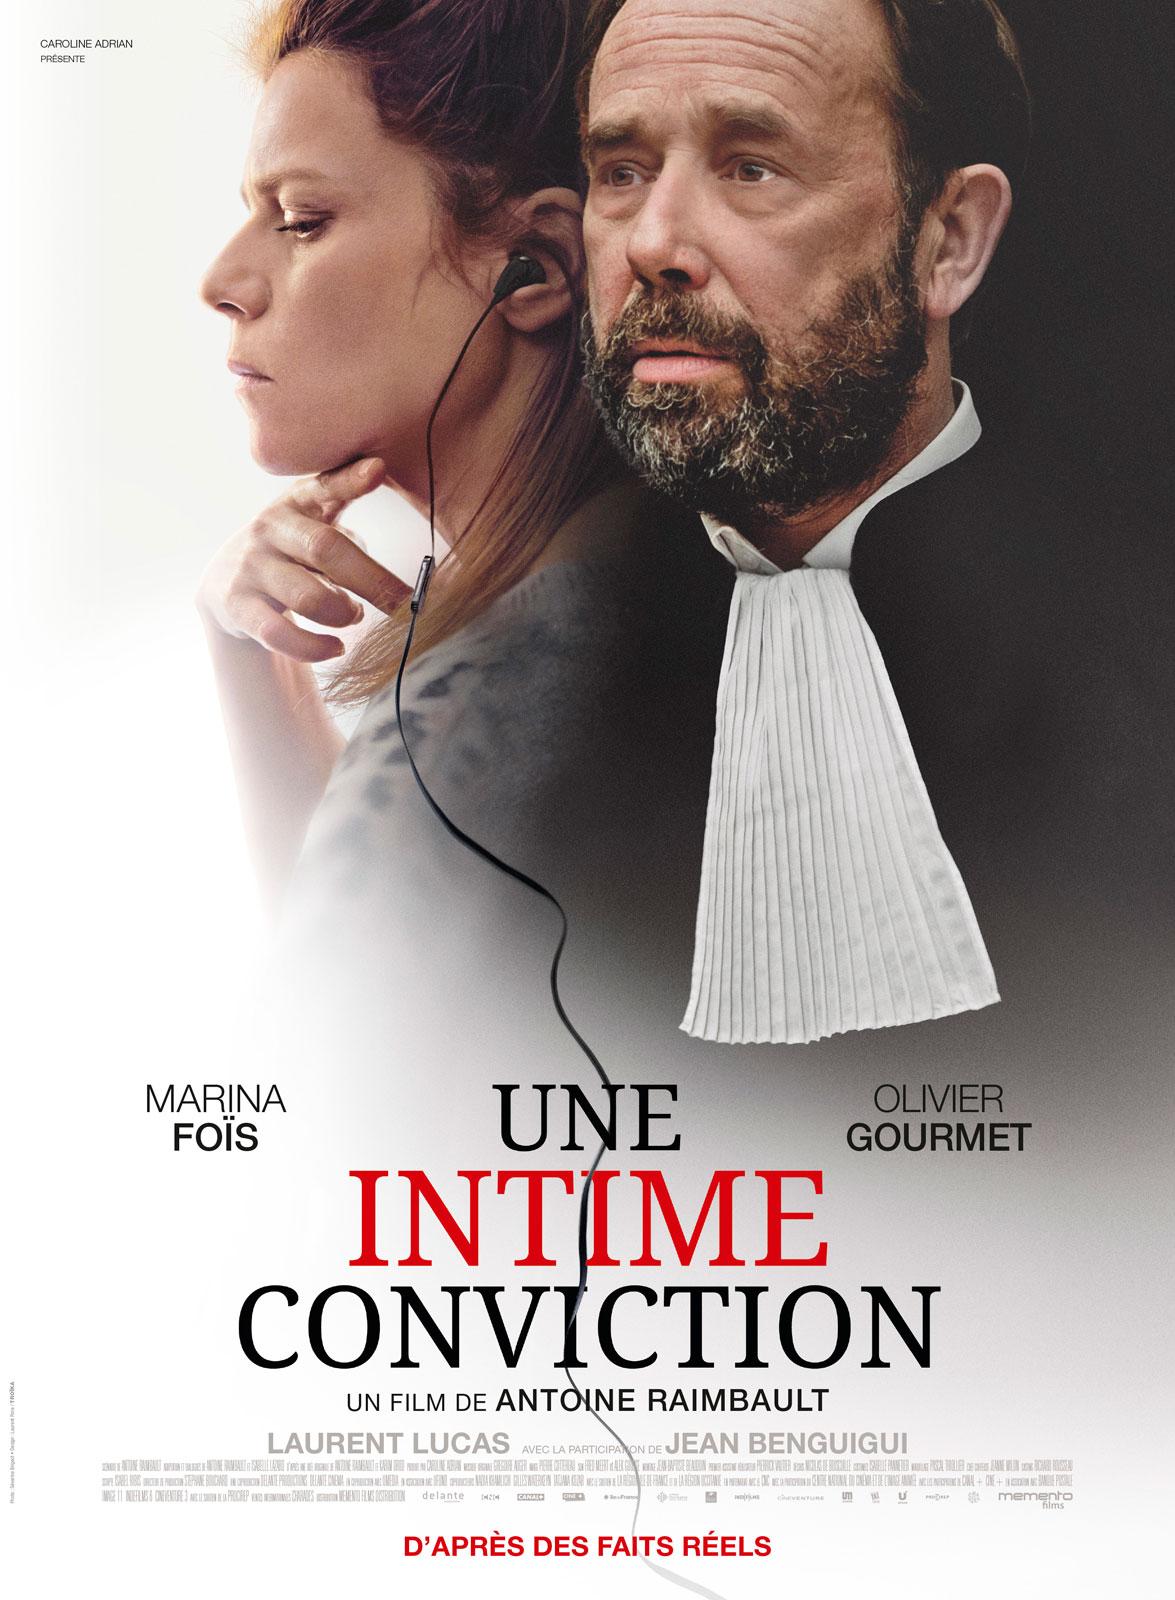 """[Critique] """"Une intime conviction"""" (2018) d'Antoine Raimbault 7 image"""